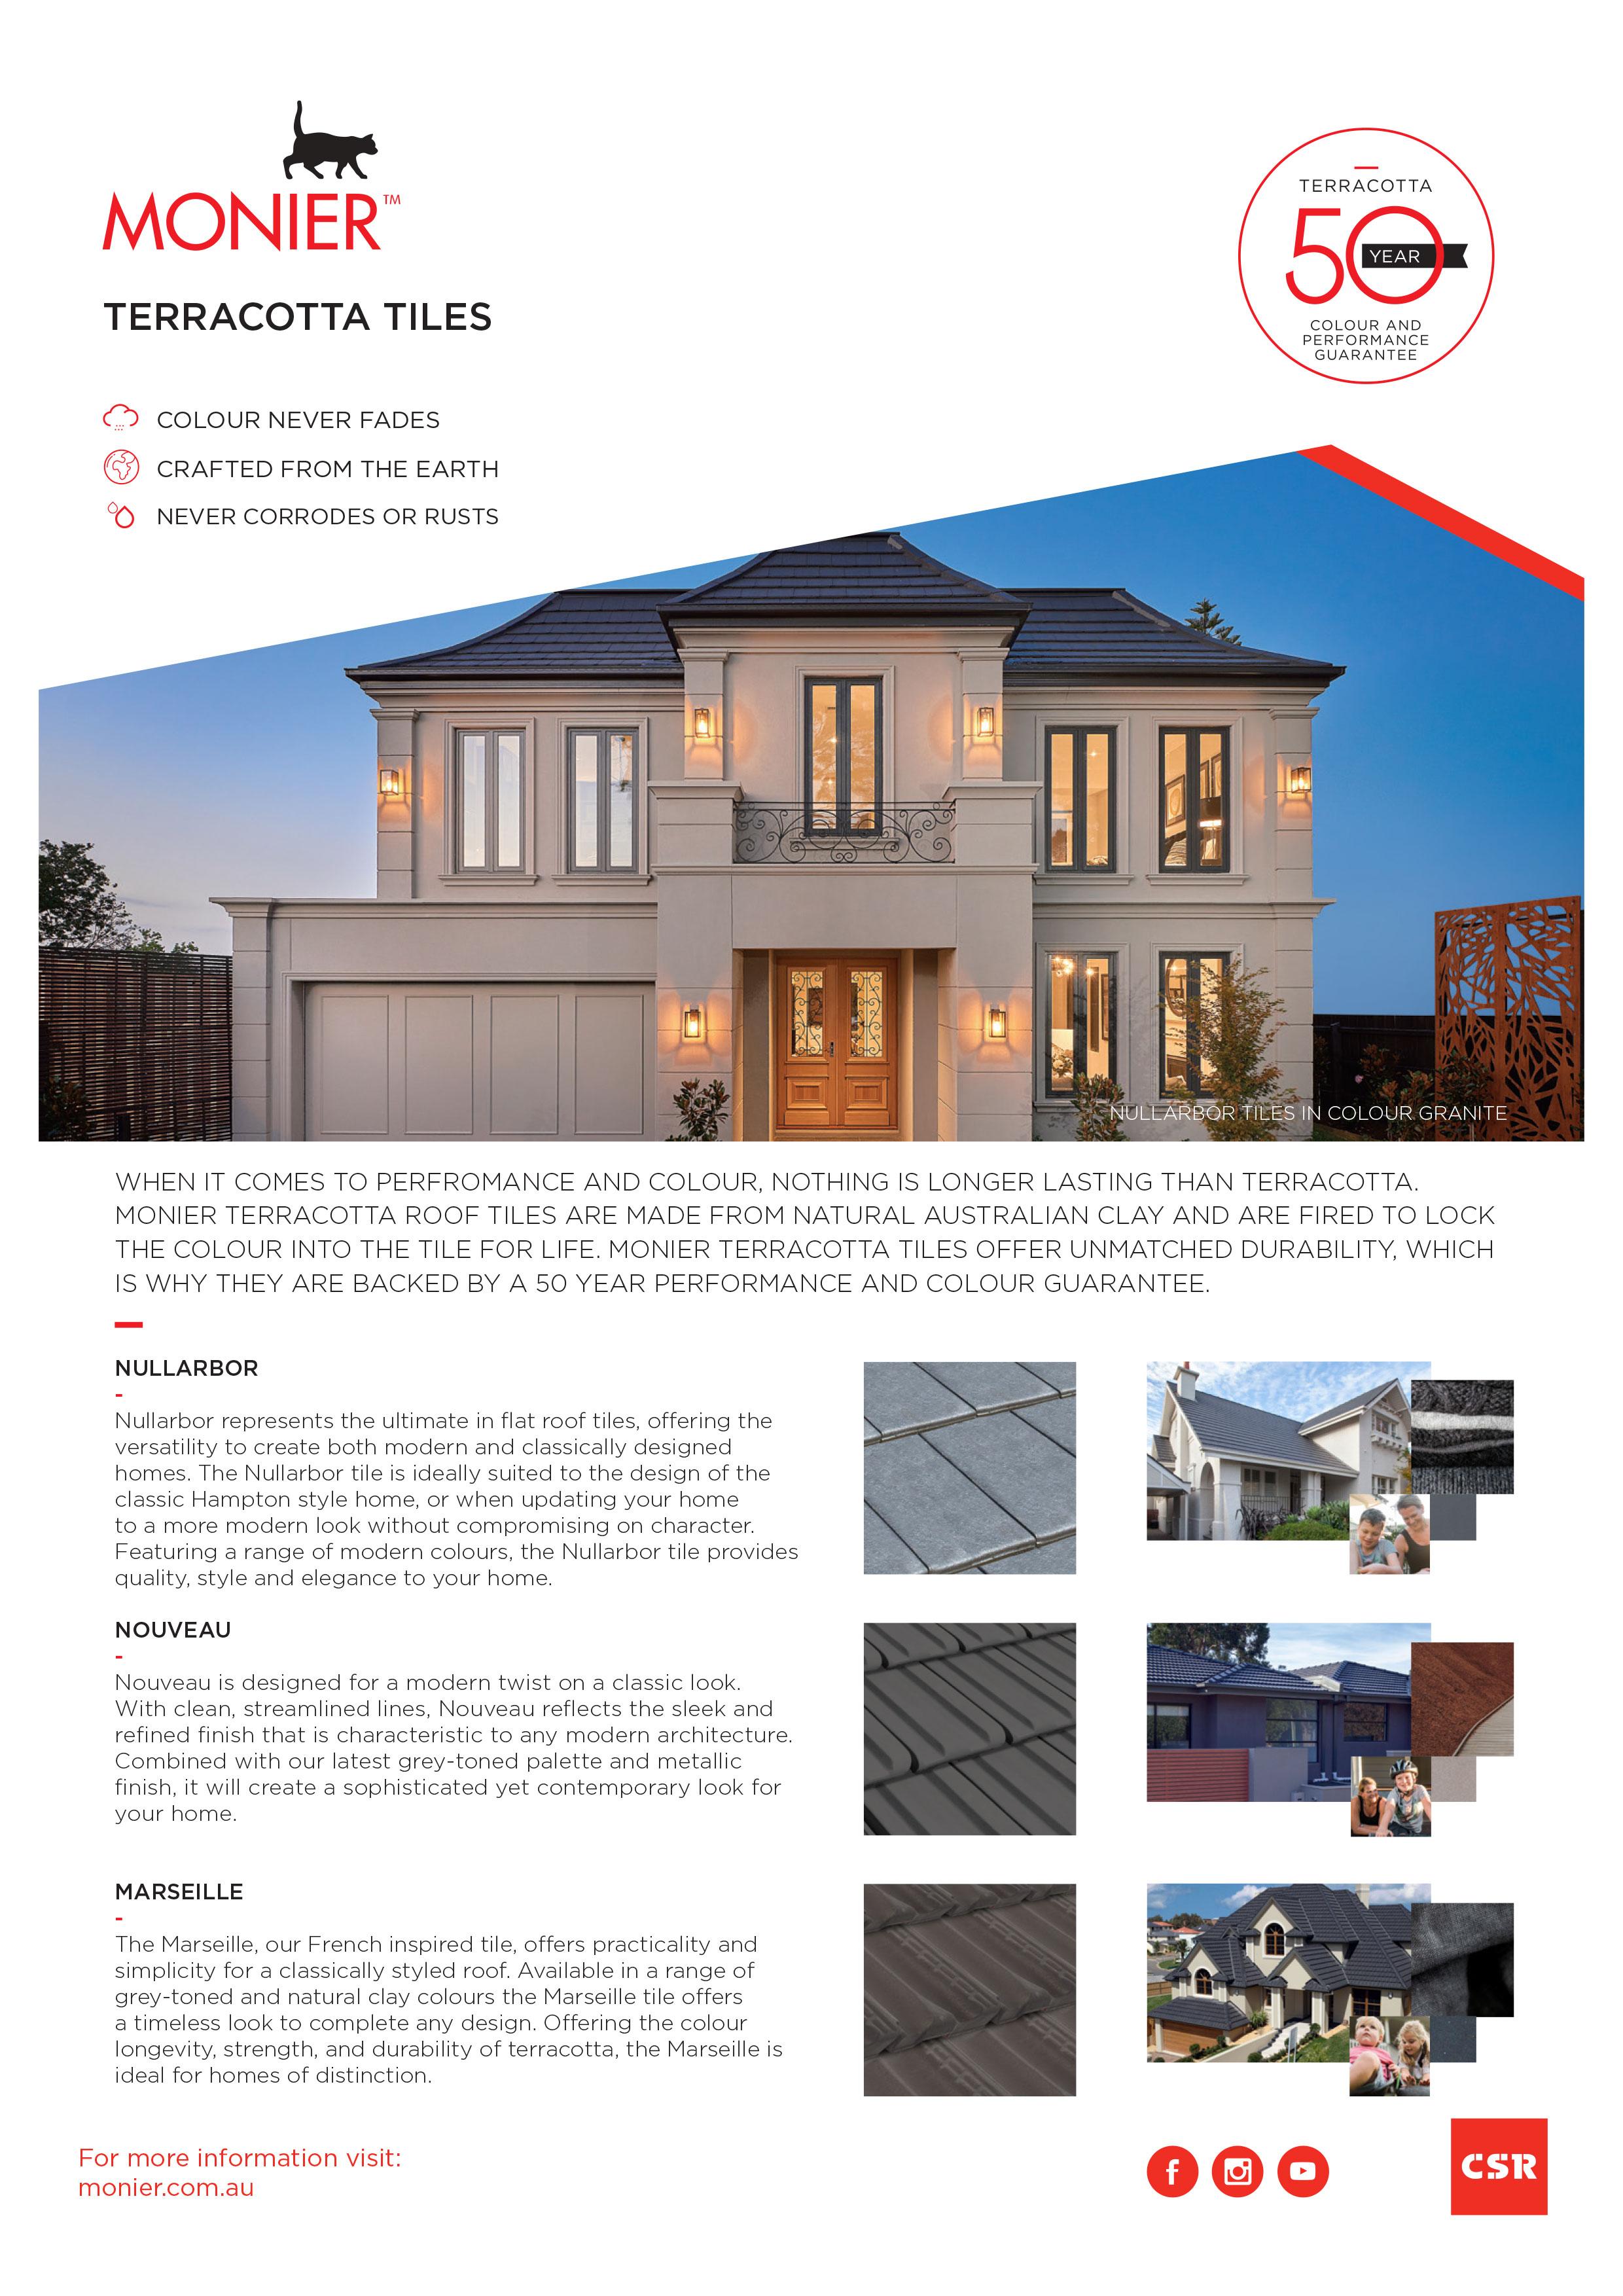 Monier Terracotta Roof Tiles   Raving Roofing, Melbourne